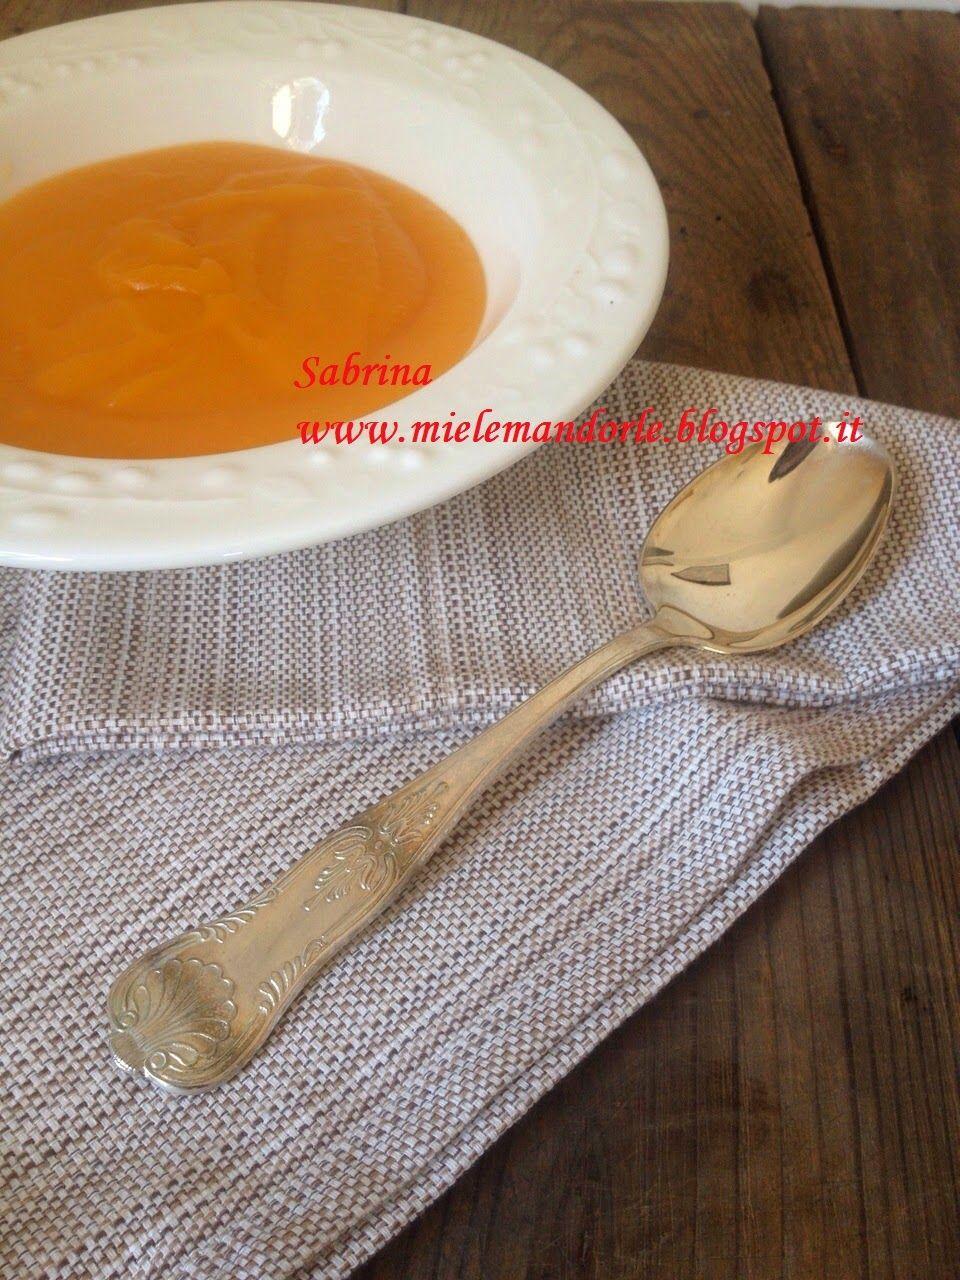 Miel & Mandorle: Vellutata leggera di carote e patate